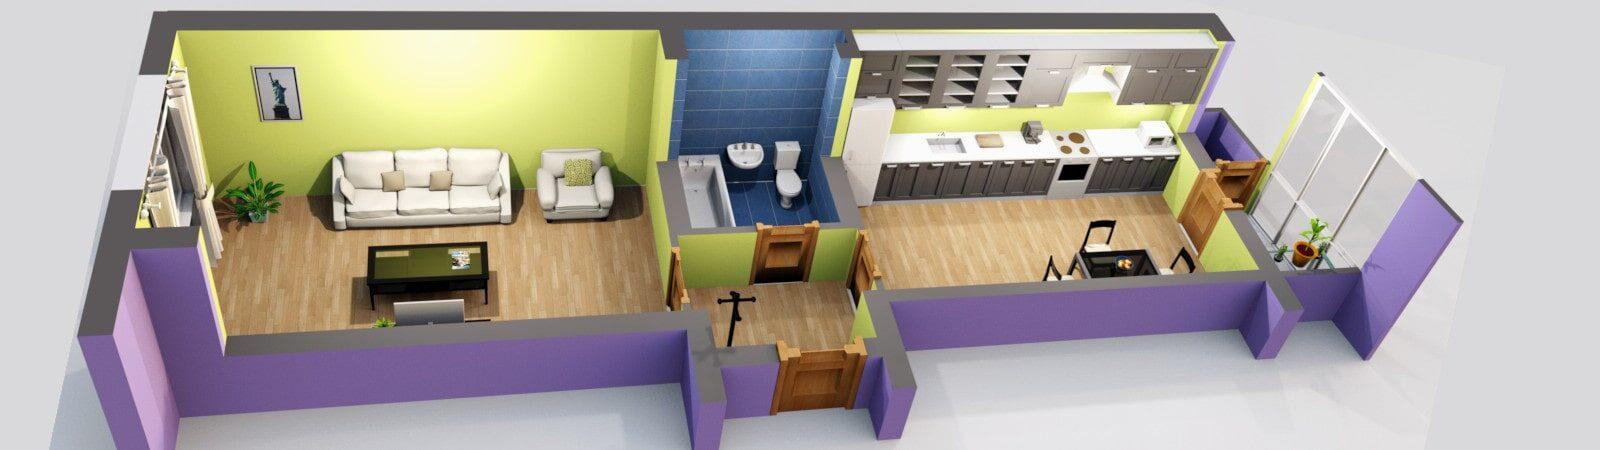 Як правильно перепланувати квартиру